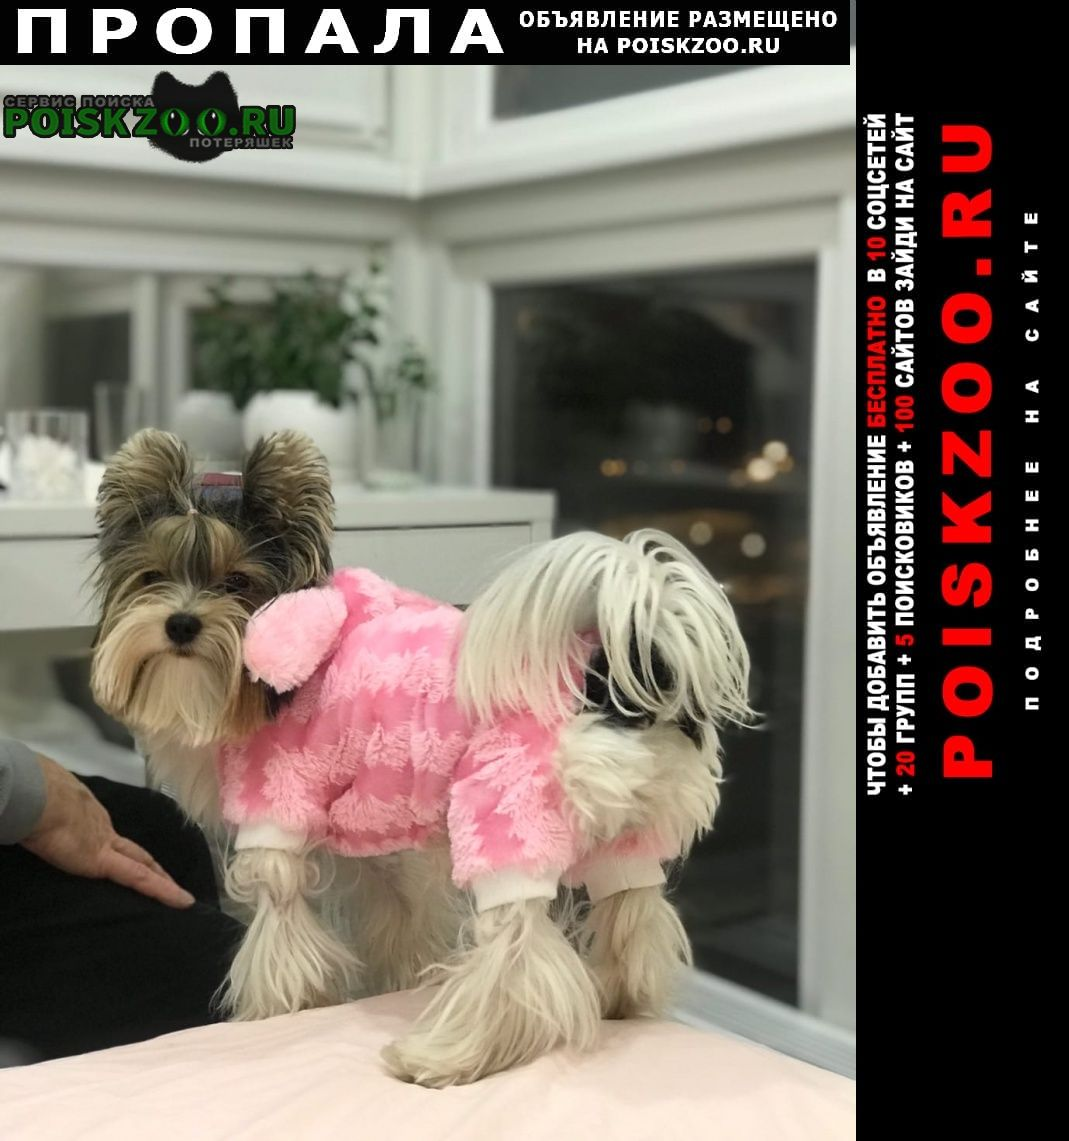 Пропала собака нашедшему гарантируем вознаграждение Красногорск